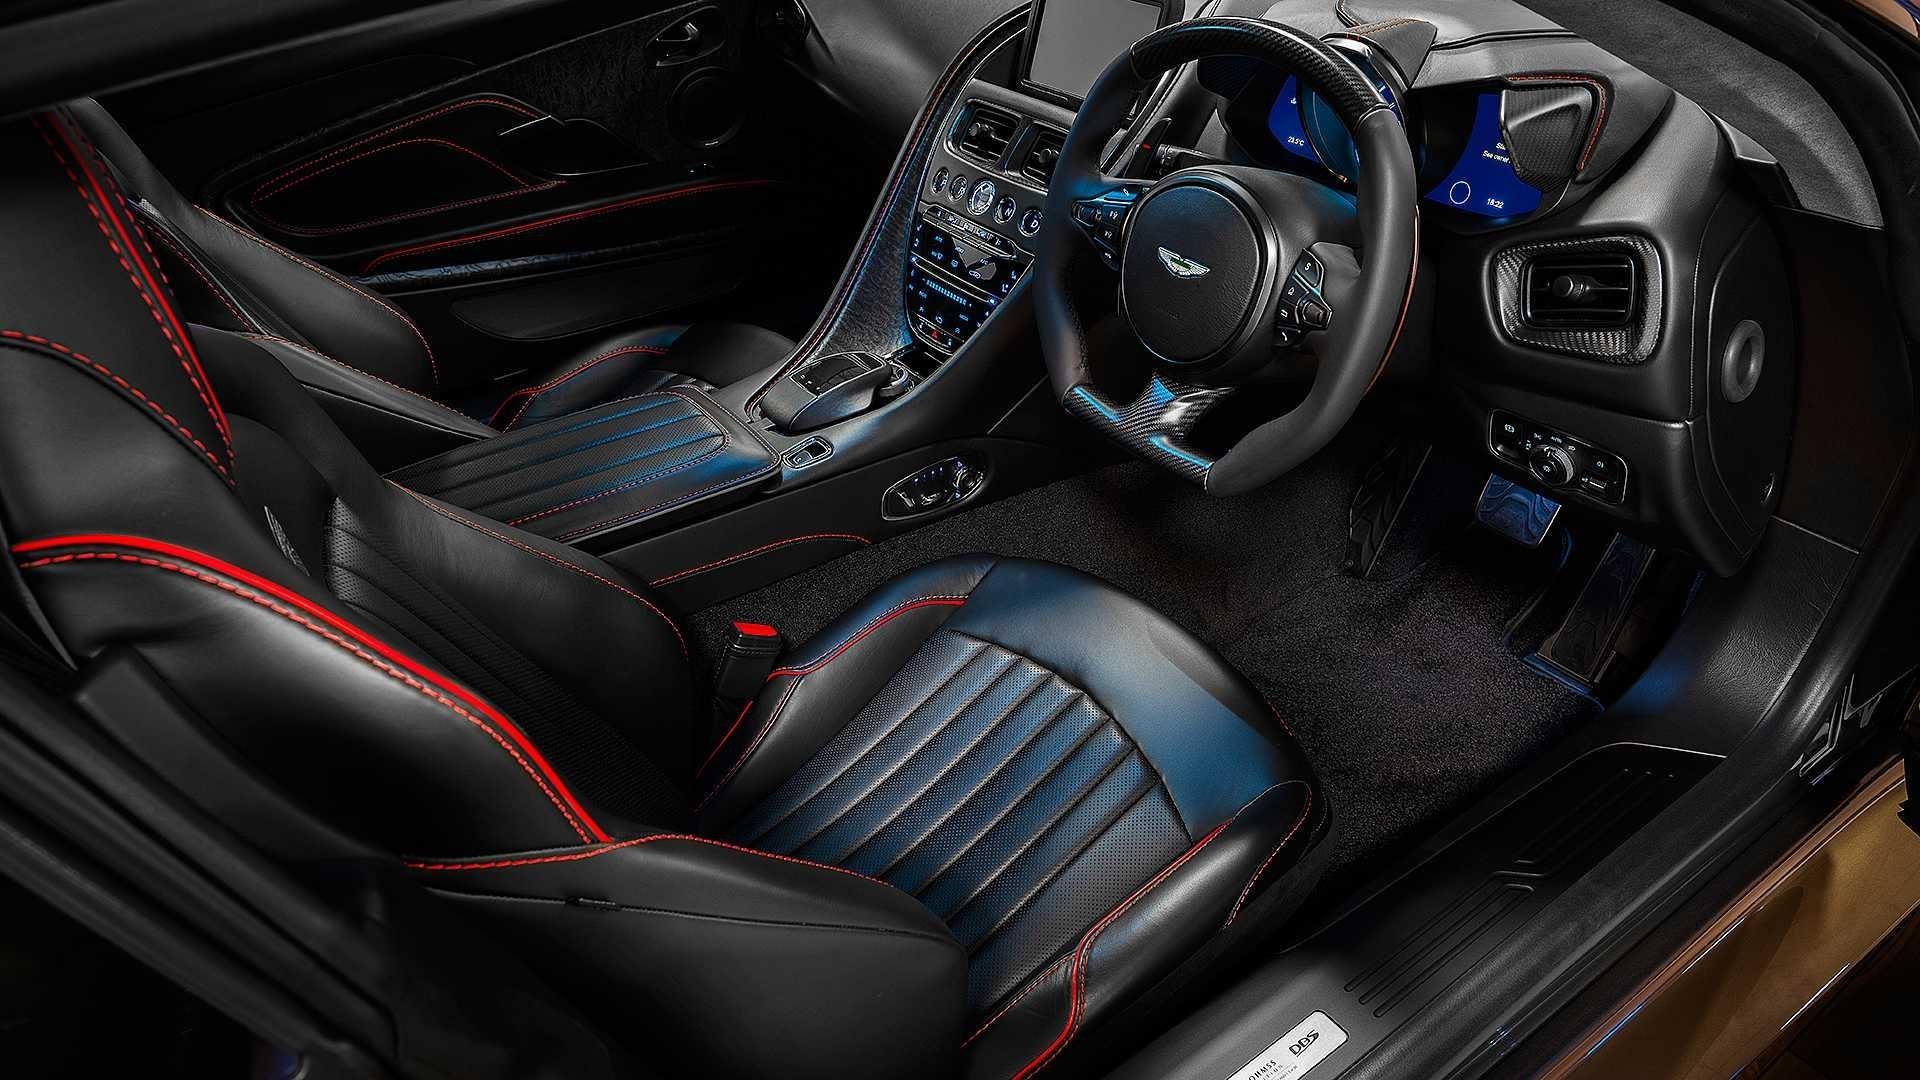 Bên trong, cabin của xe được bọc da màu đen và Alcantara màu xám, xen lẫn là các chi tiết màu đỏ tương phản. Đây cũng là phong cách phối màu nội thất trên chiếc Aston Martin DBS trong bộ phim năm 1969.